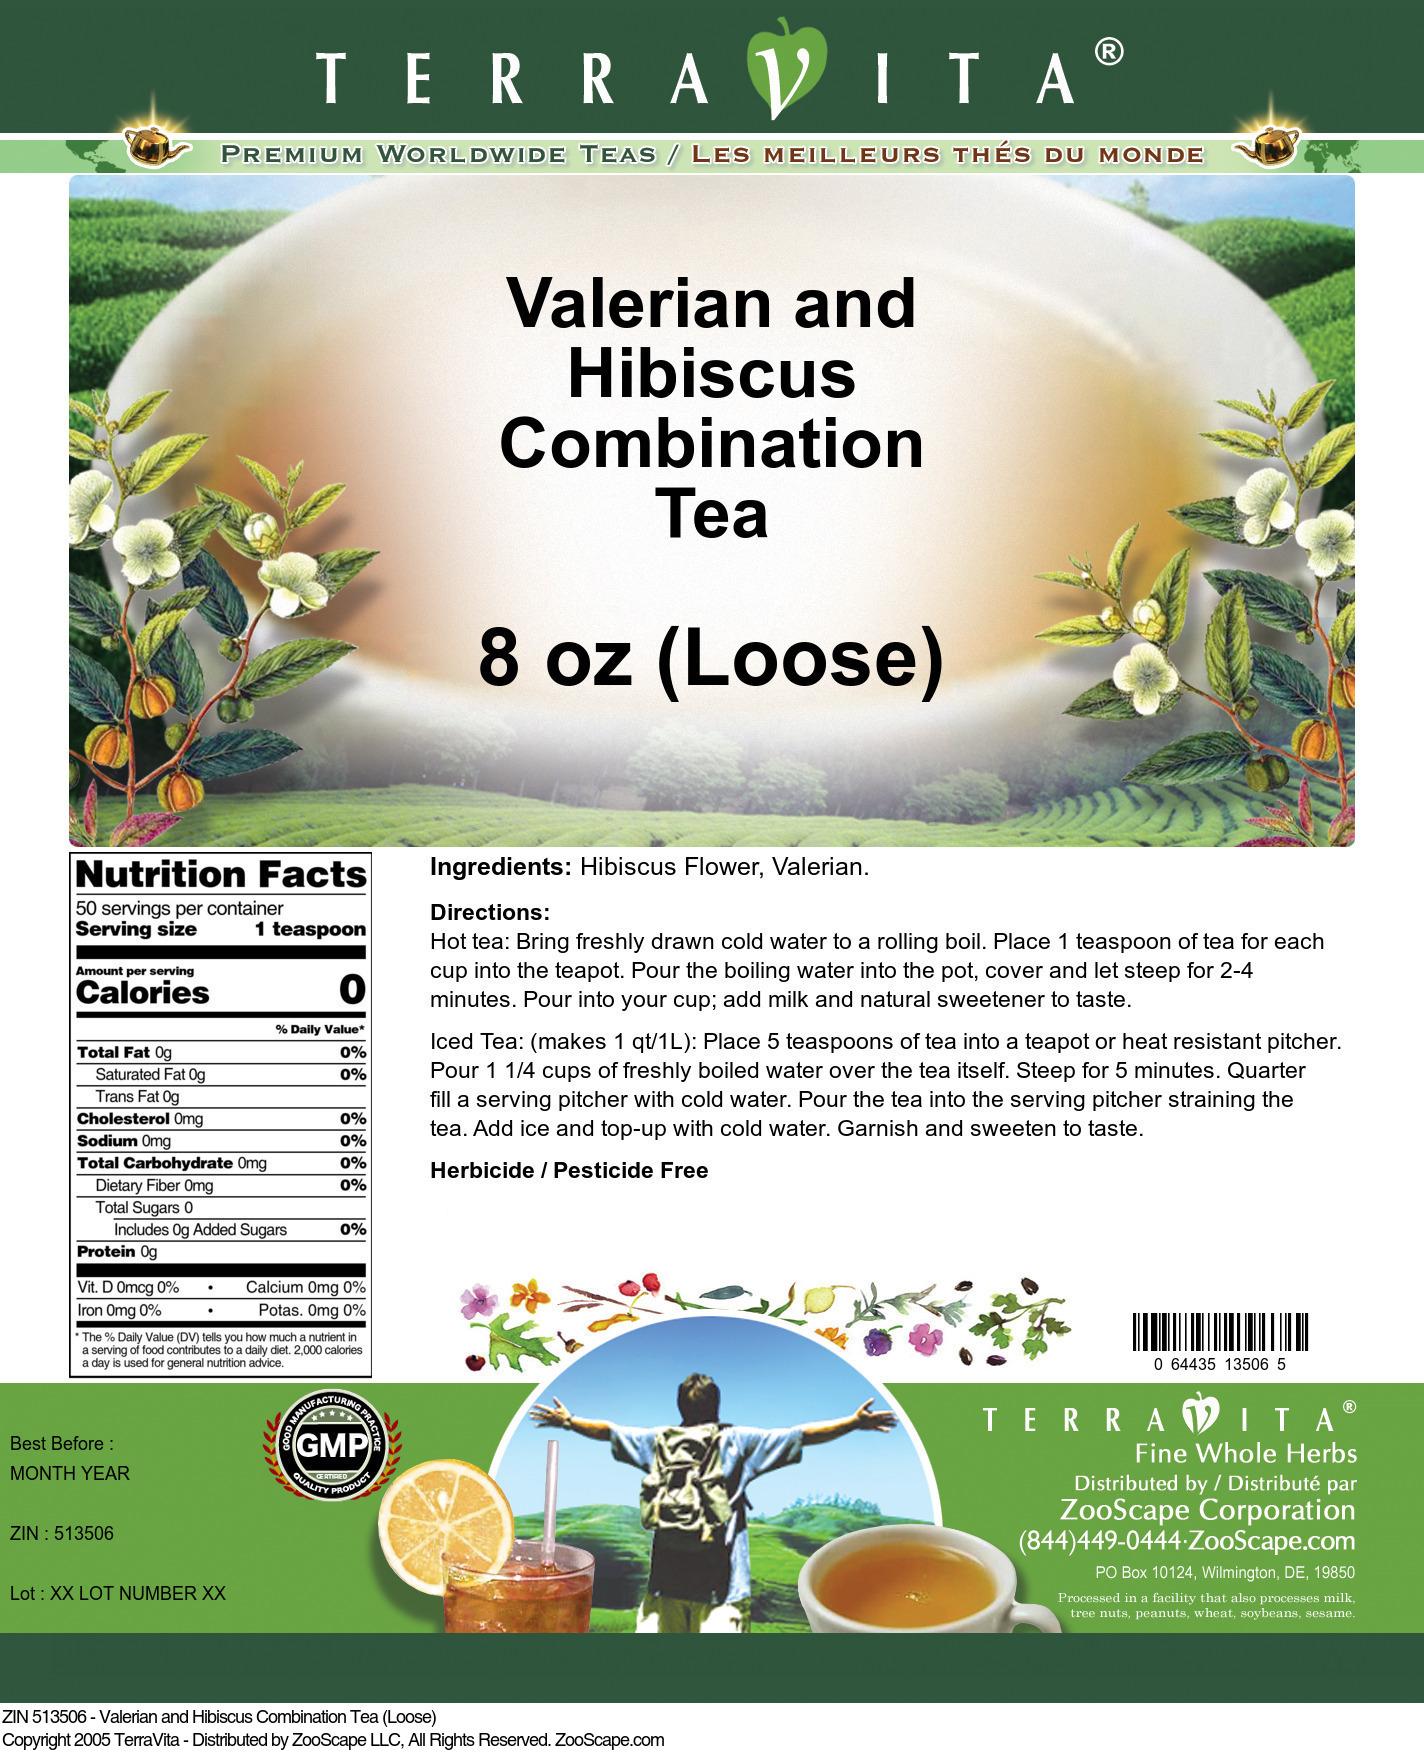 Valerian and Hibiscus